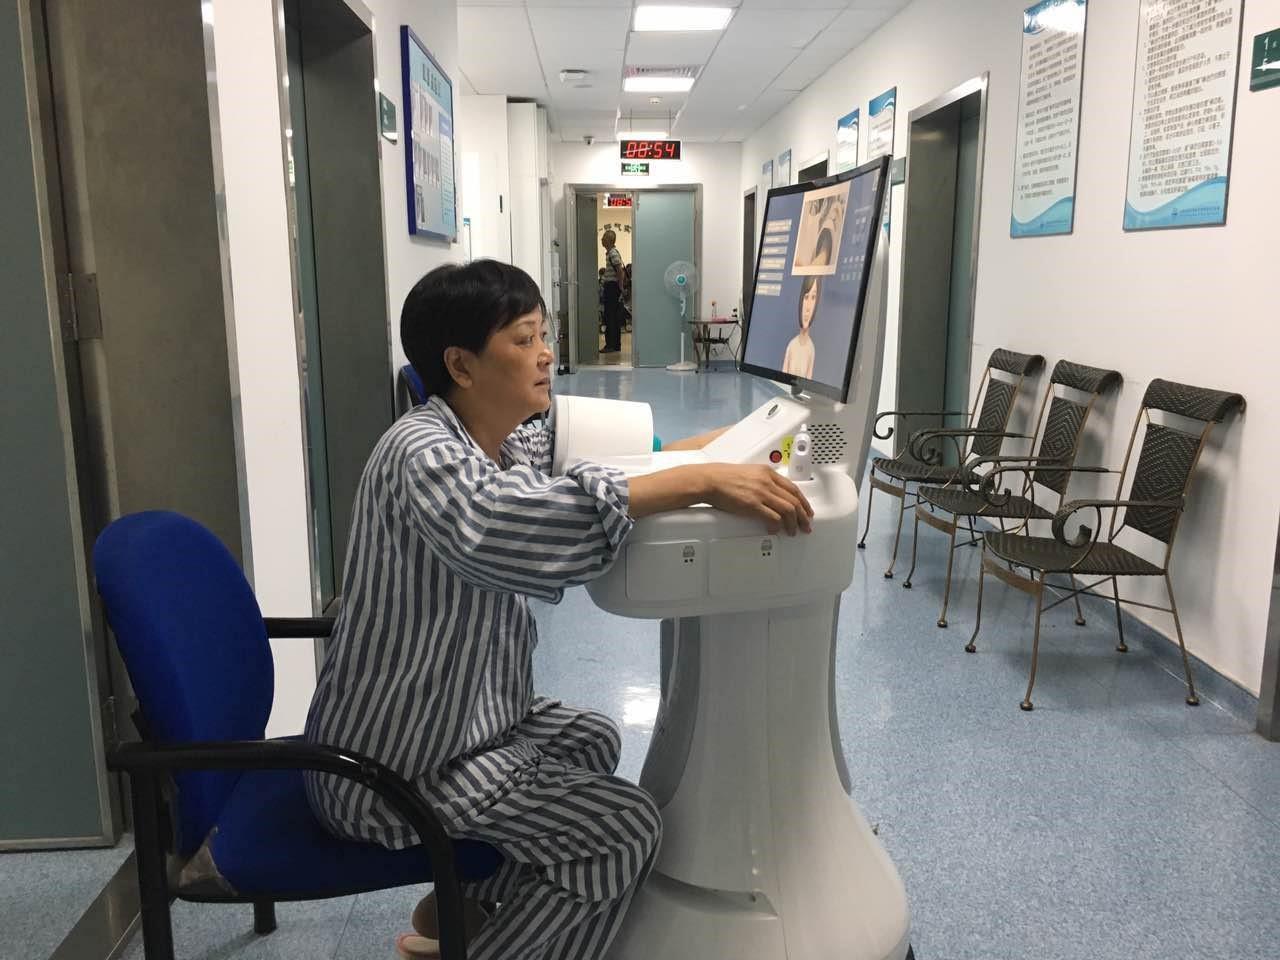 钛米机器人获B+轮投资 加速医疗机器人对智慧医院赋能